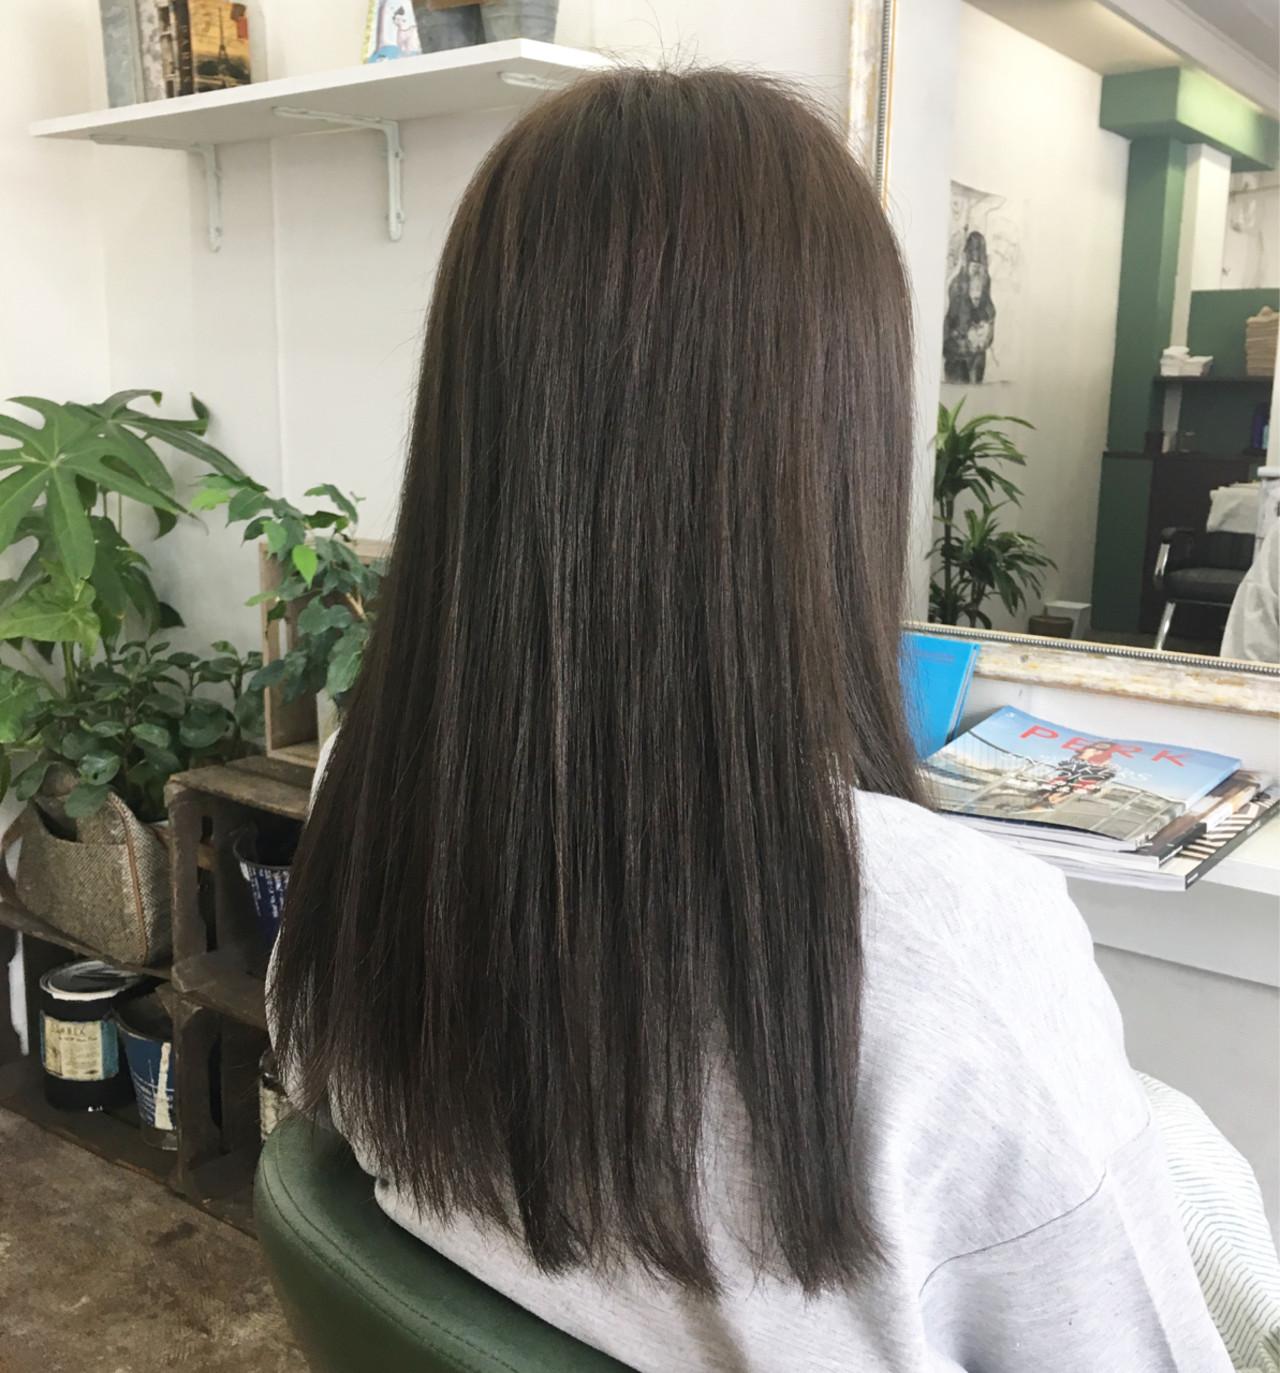 アッシュ ロング 黒髪 透明感 ヘアスタイルや髪型の写真・画像